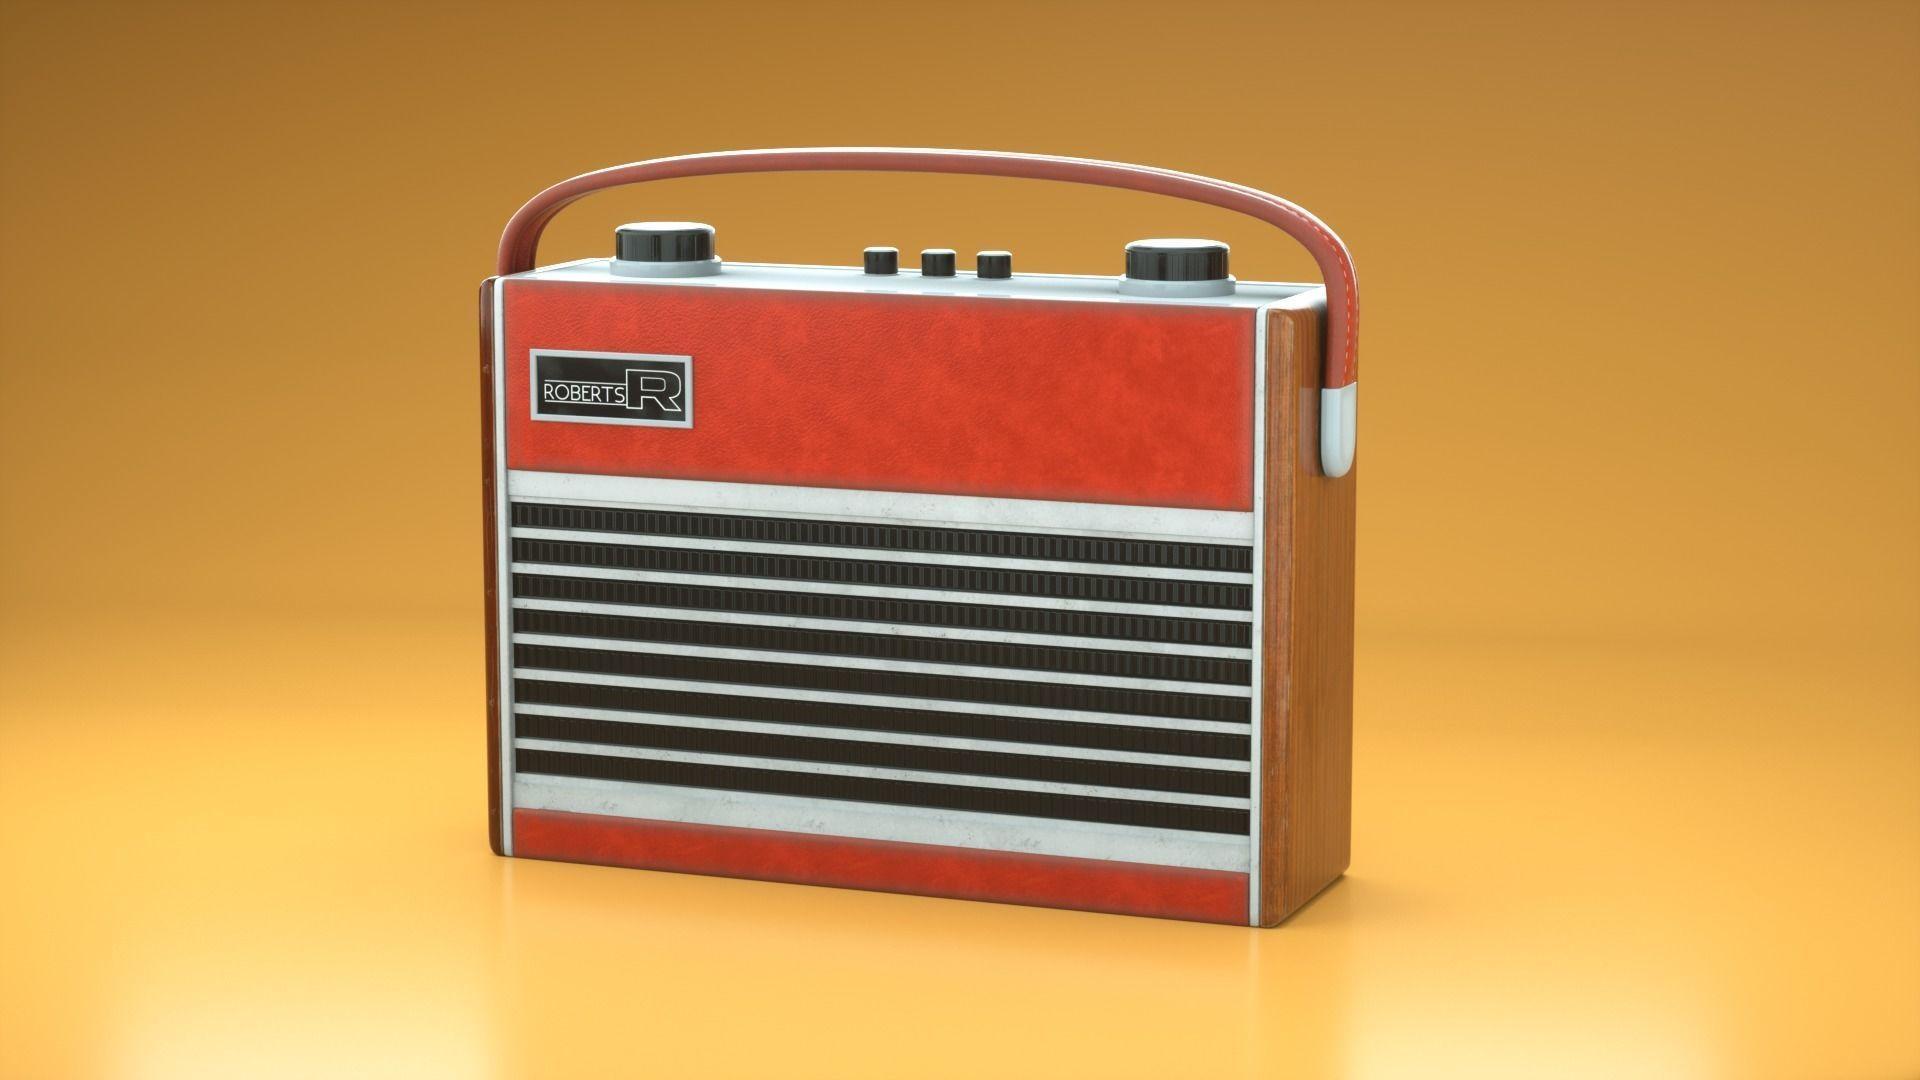 old-radio-3d-model-obj-mtl-fbx-stl-blend.jpg